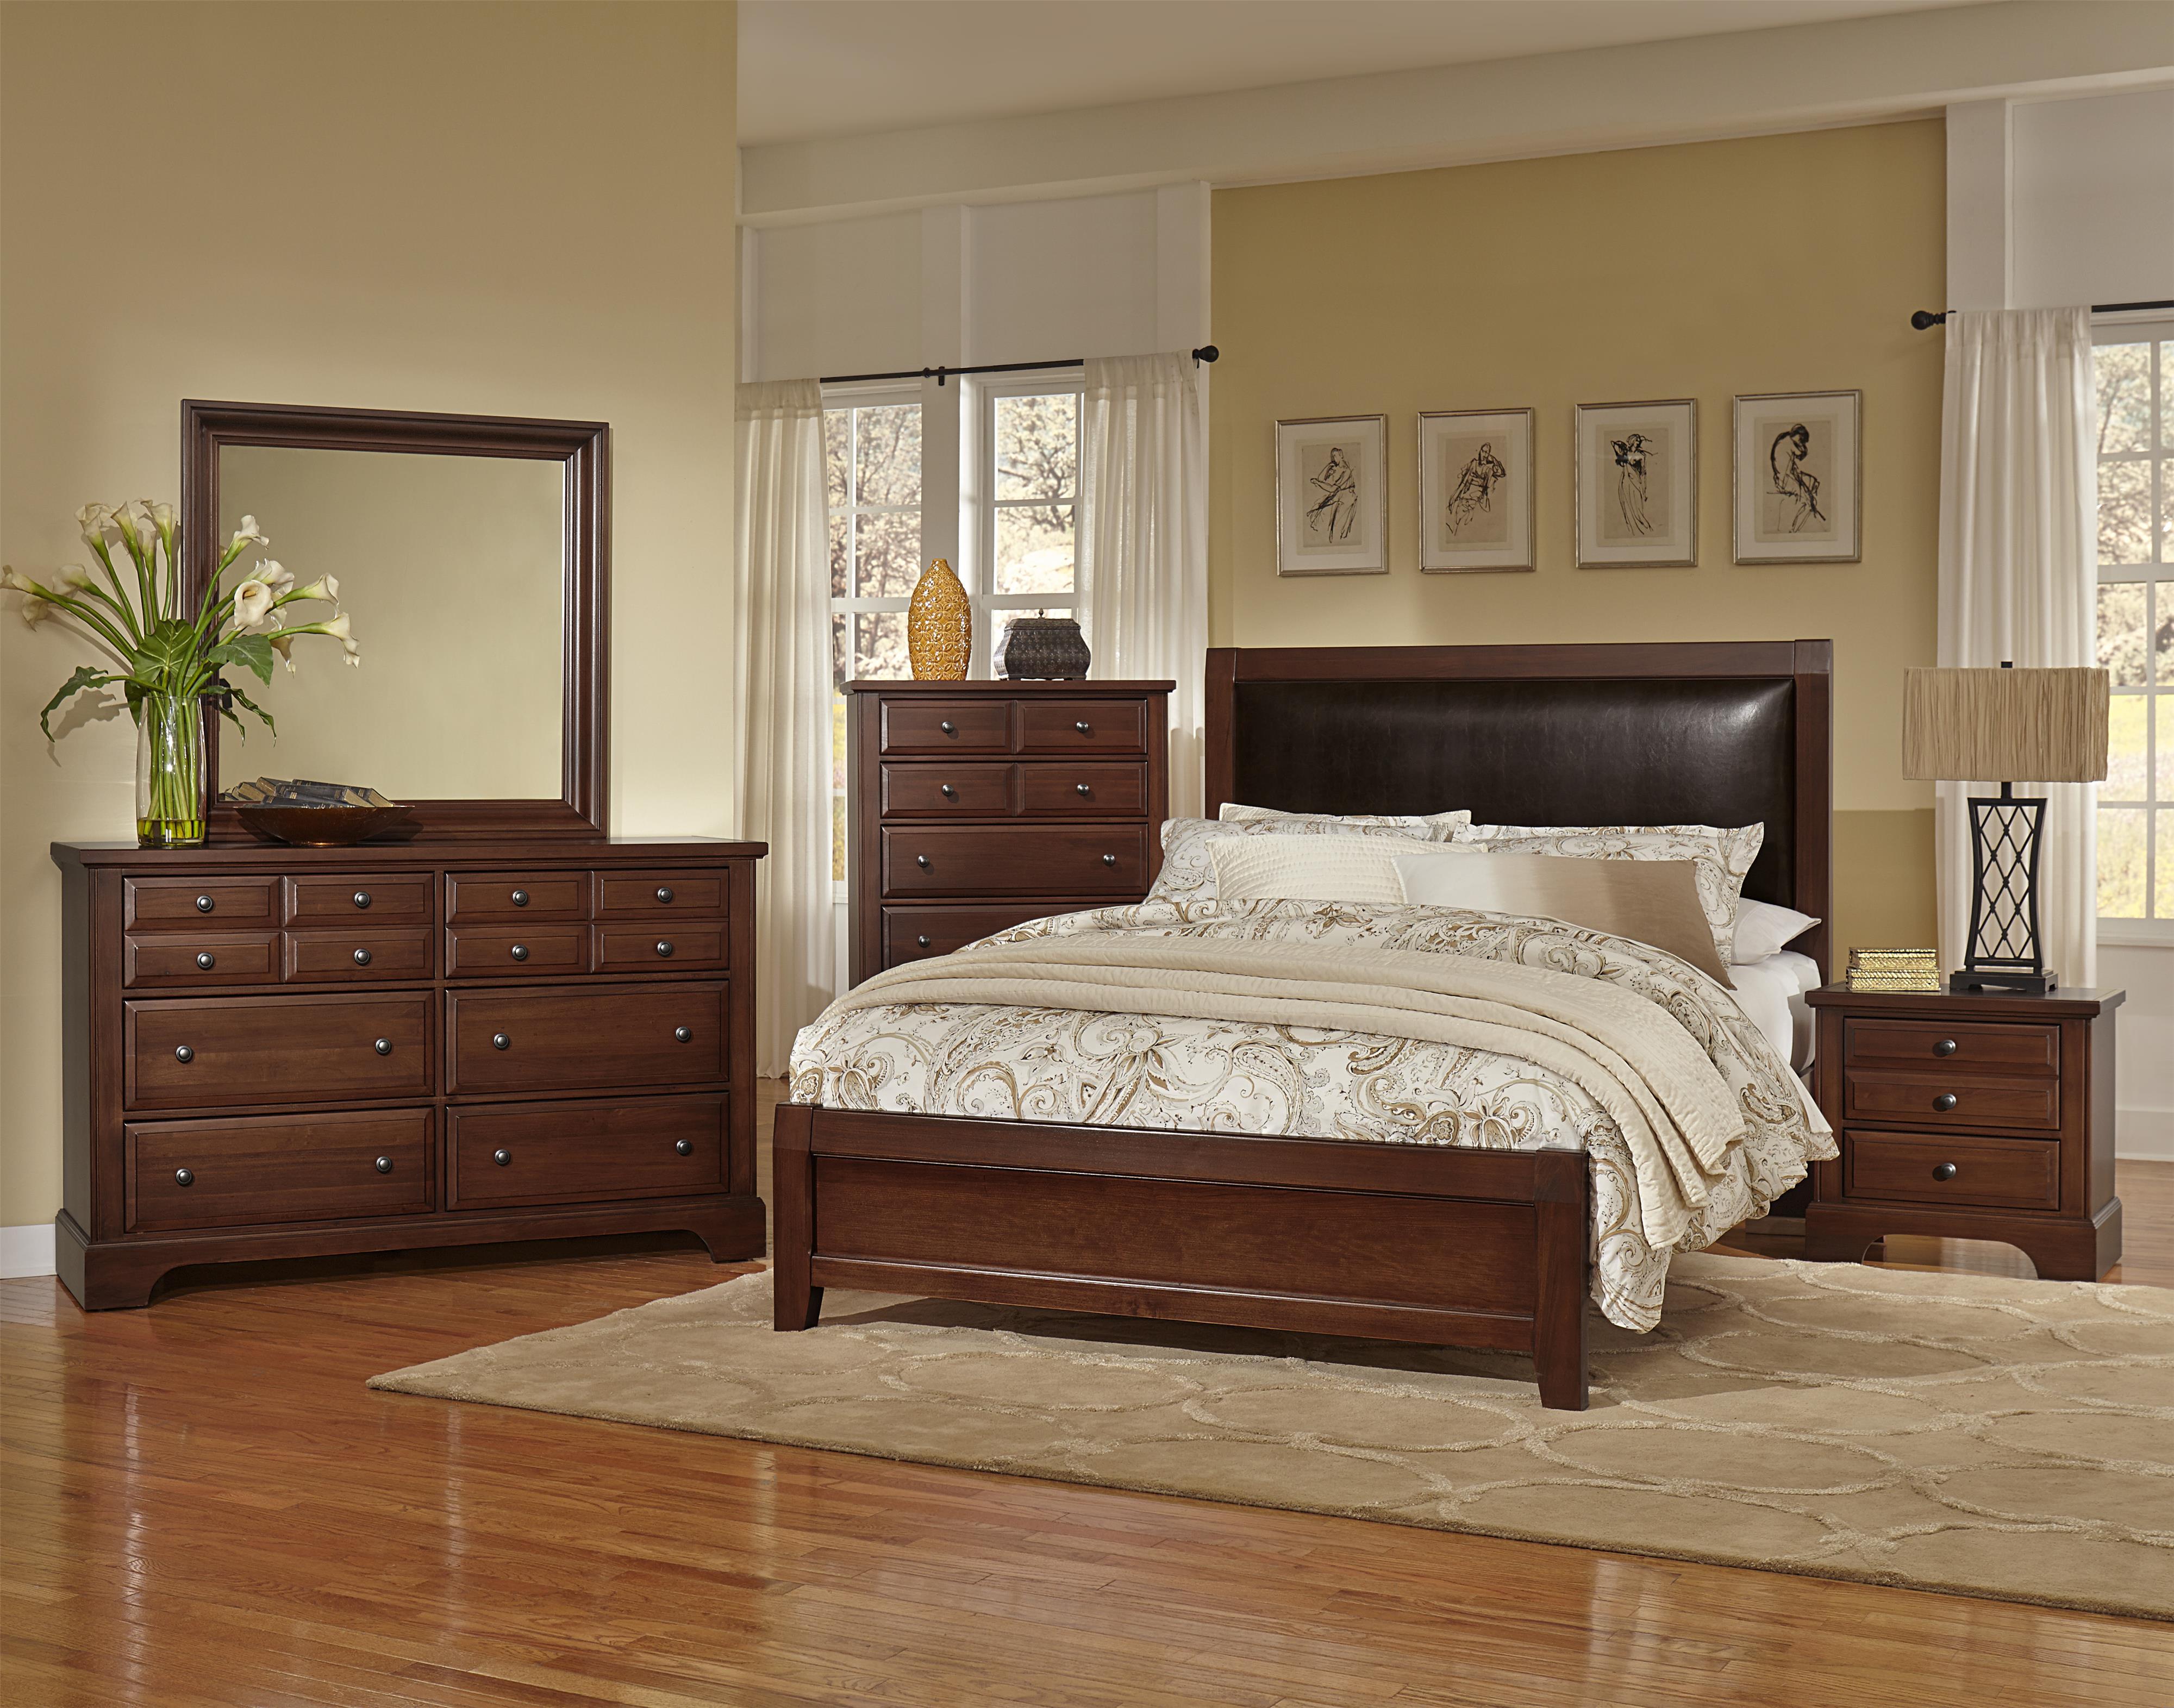 Vaughan Bassett Bedford Queen Bedroom Group - Item Number: BB89 Q Bedroom Group 2